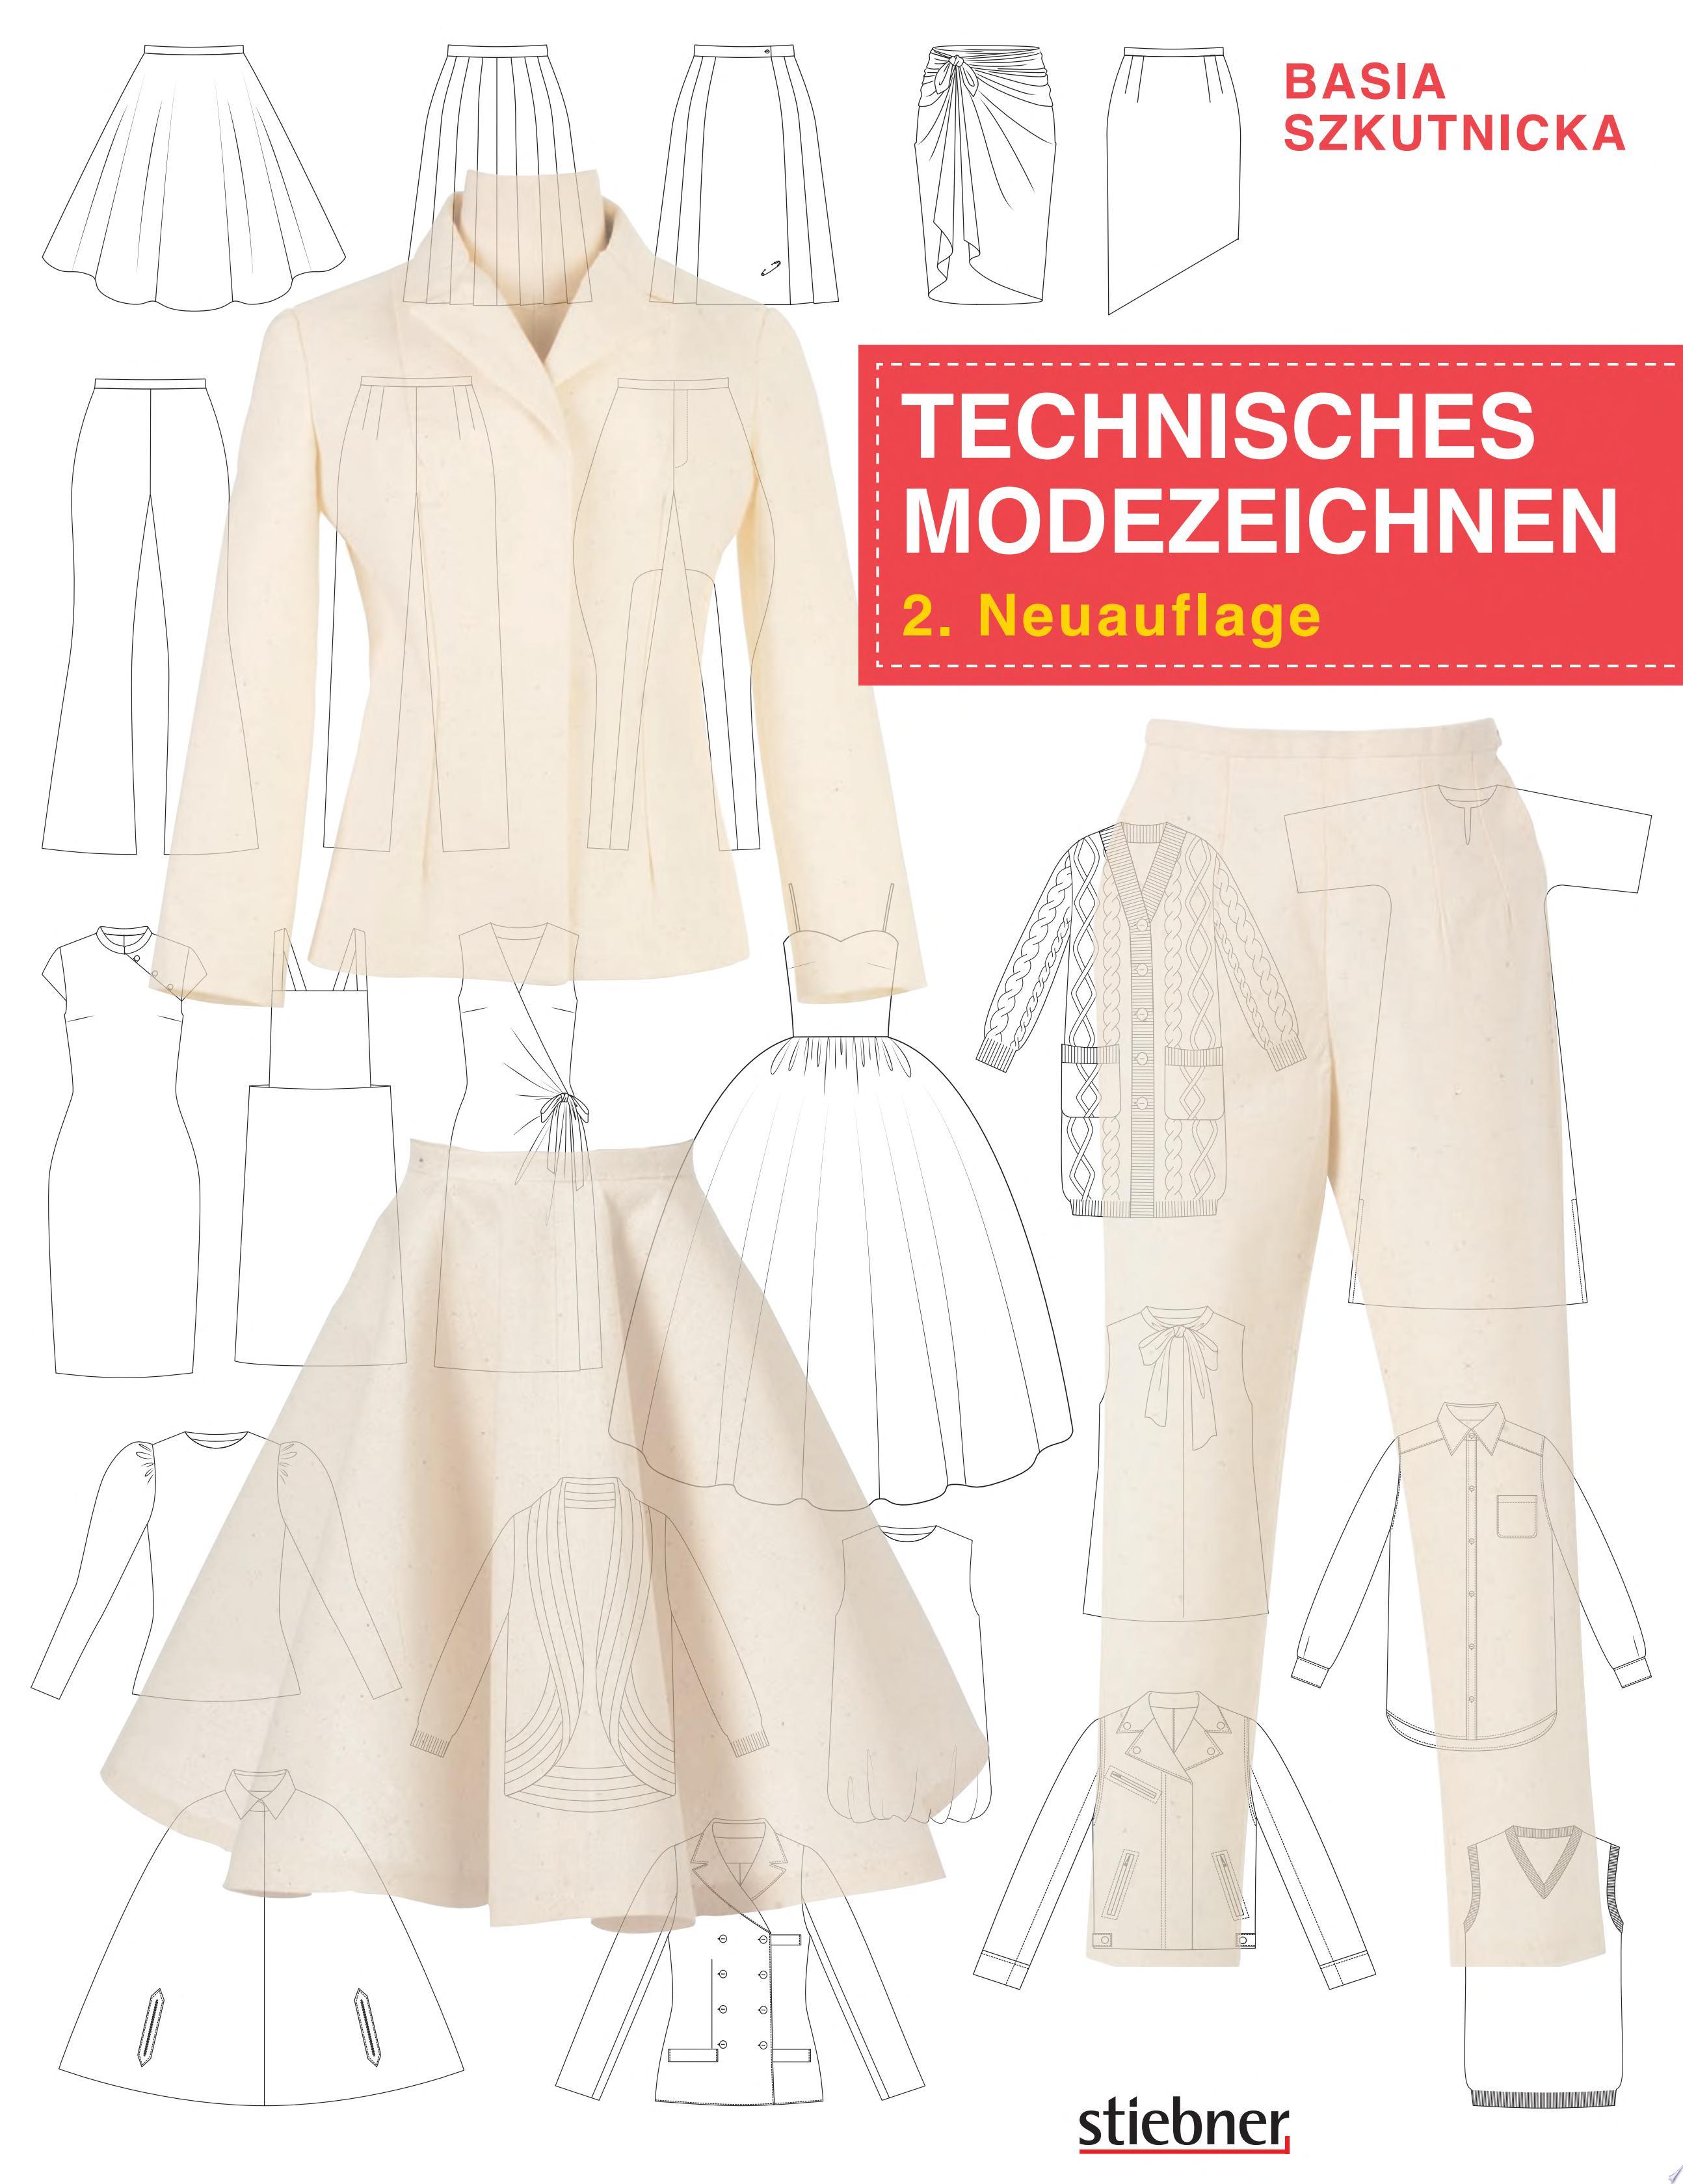 Technisches Modezeichnen